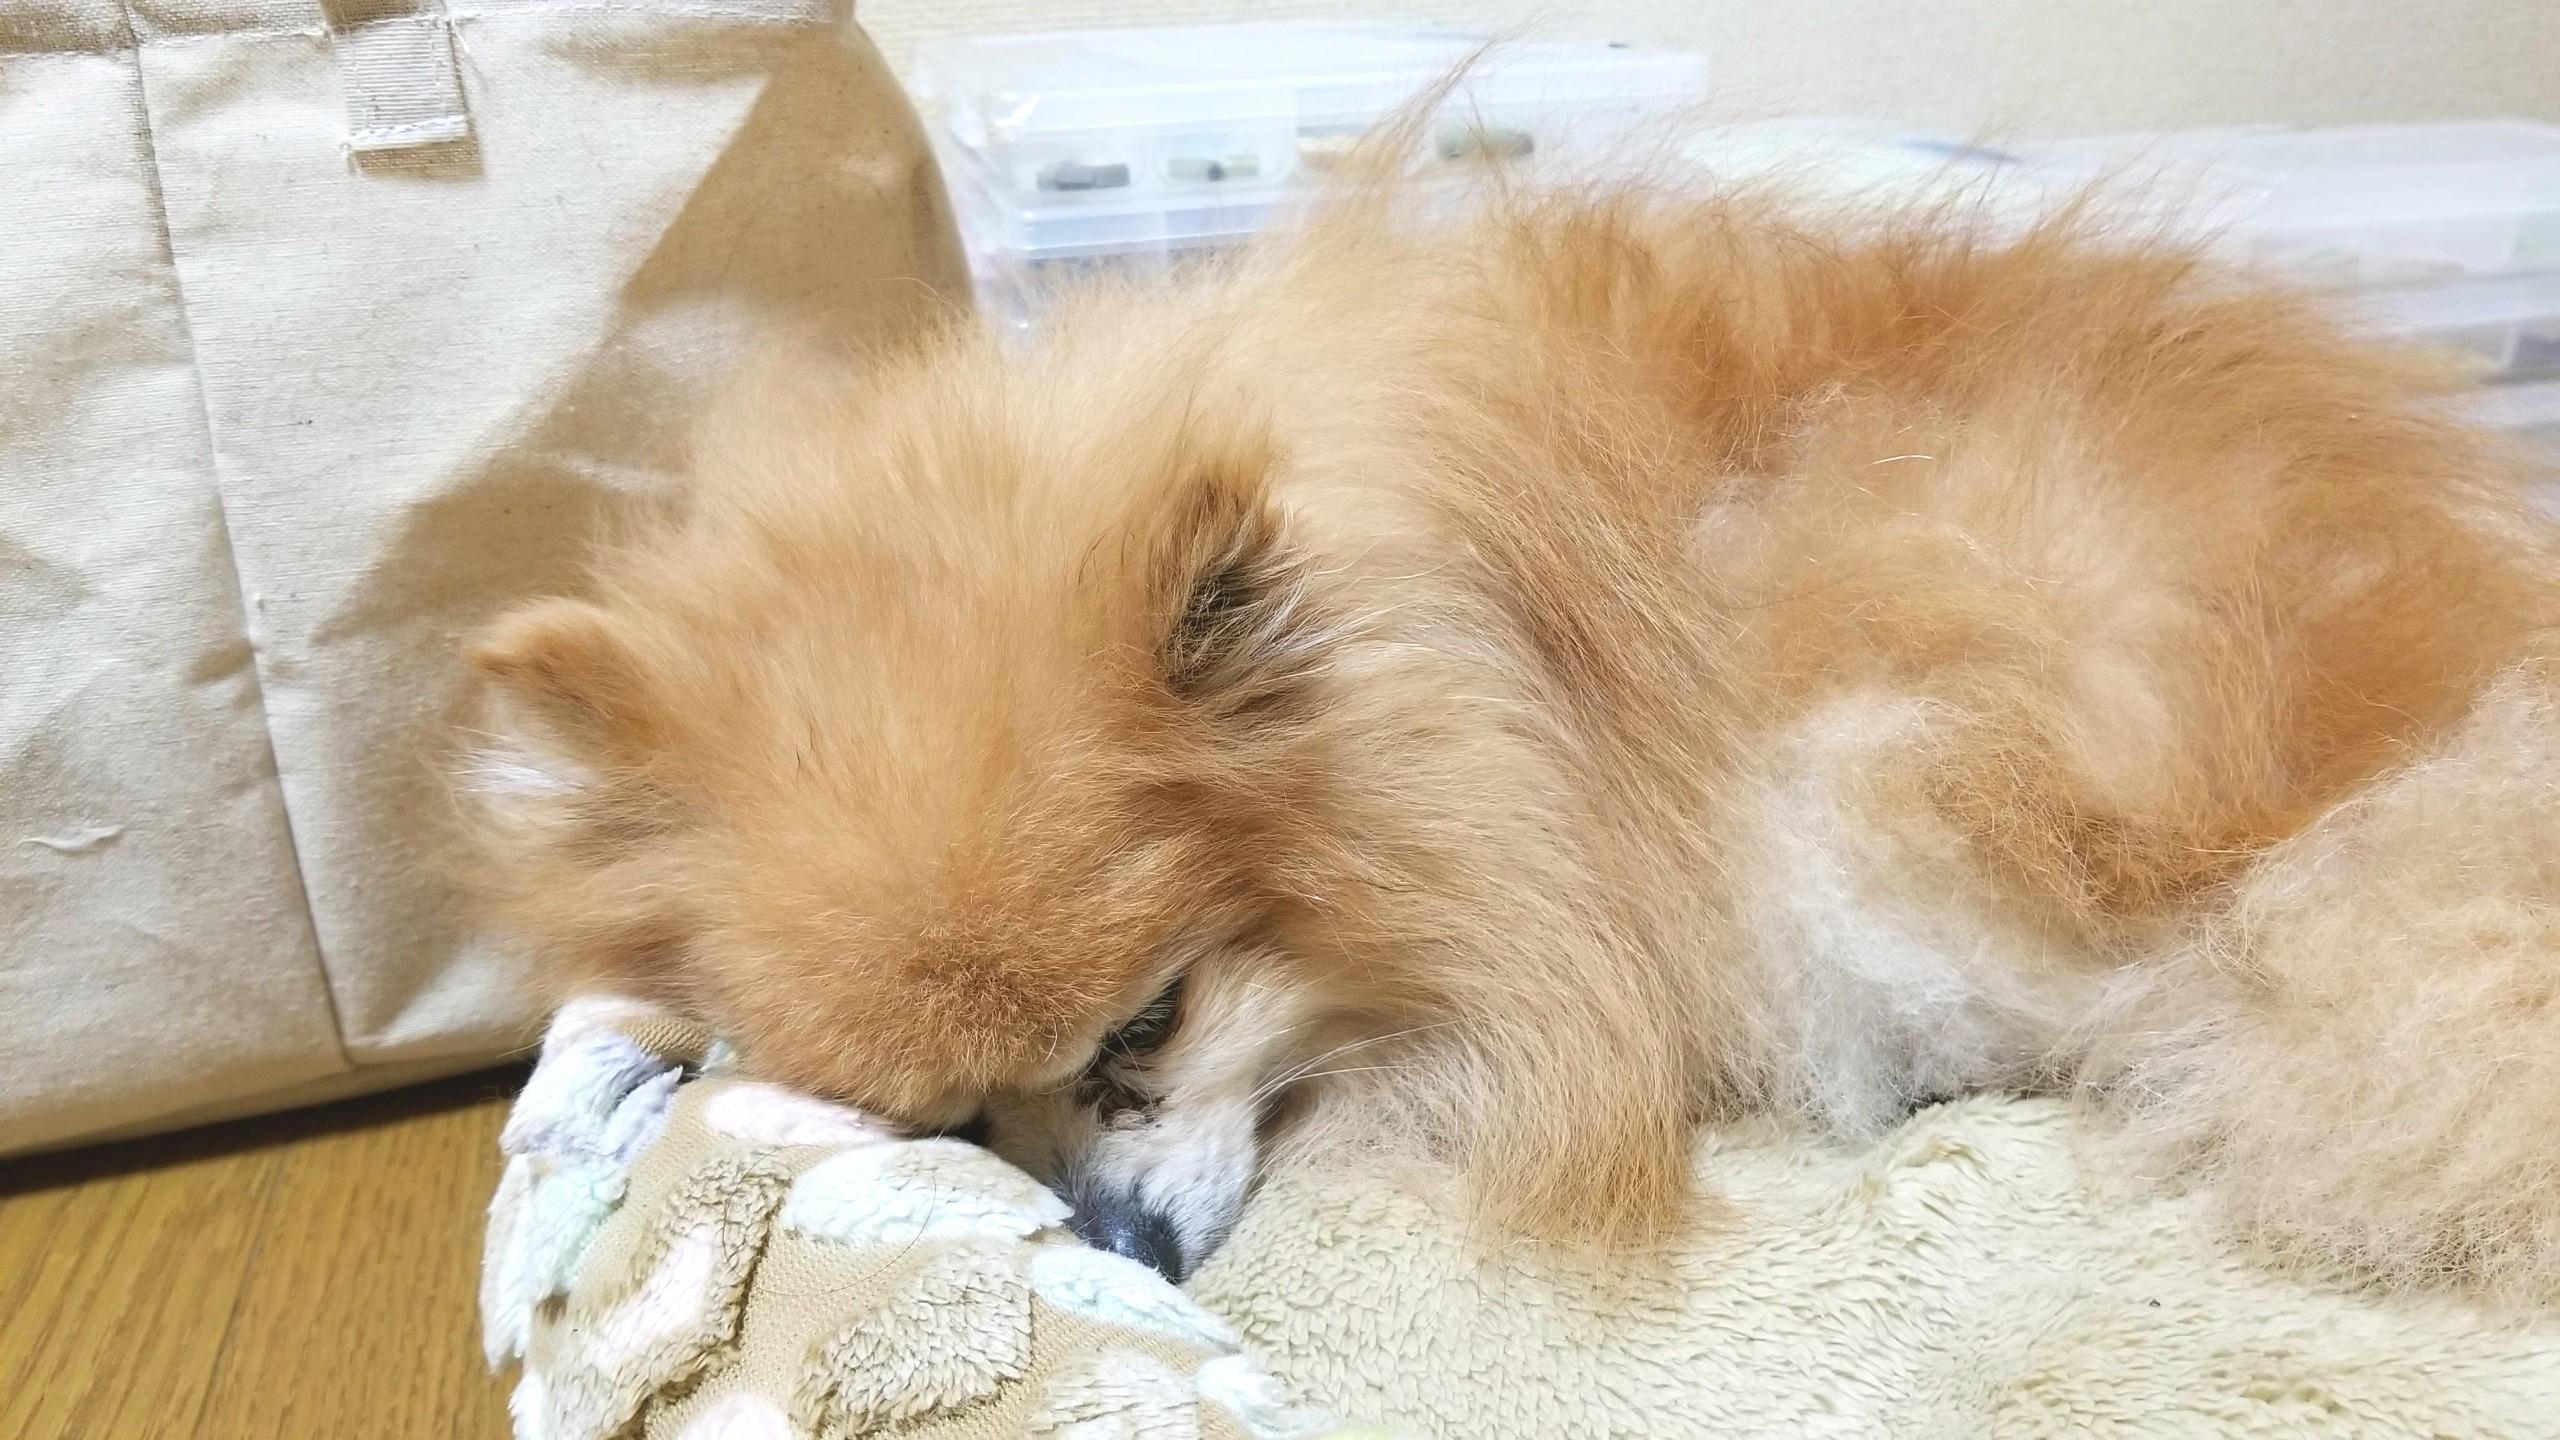 犬ペット餌ご飯食べない心臓病気弁膜症認知症パテラポメラニアン小型